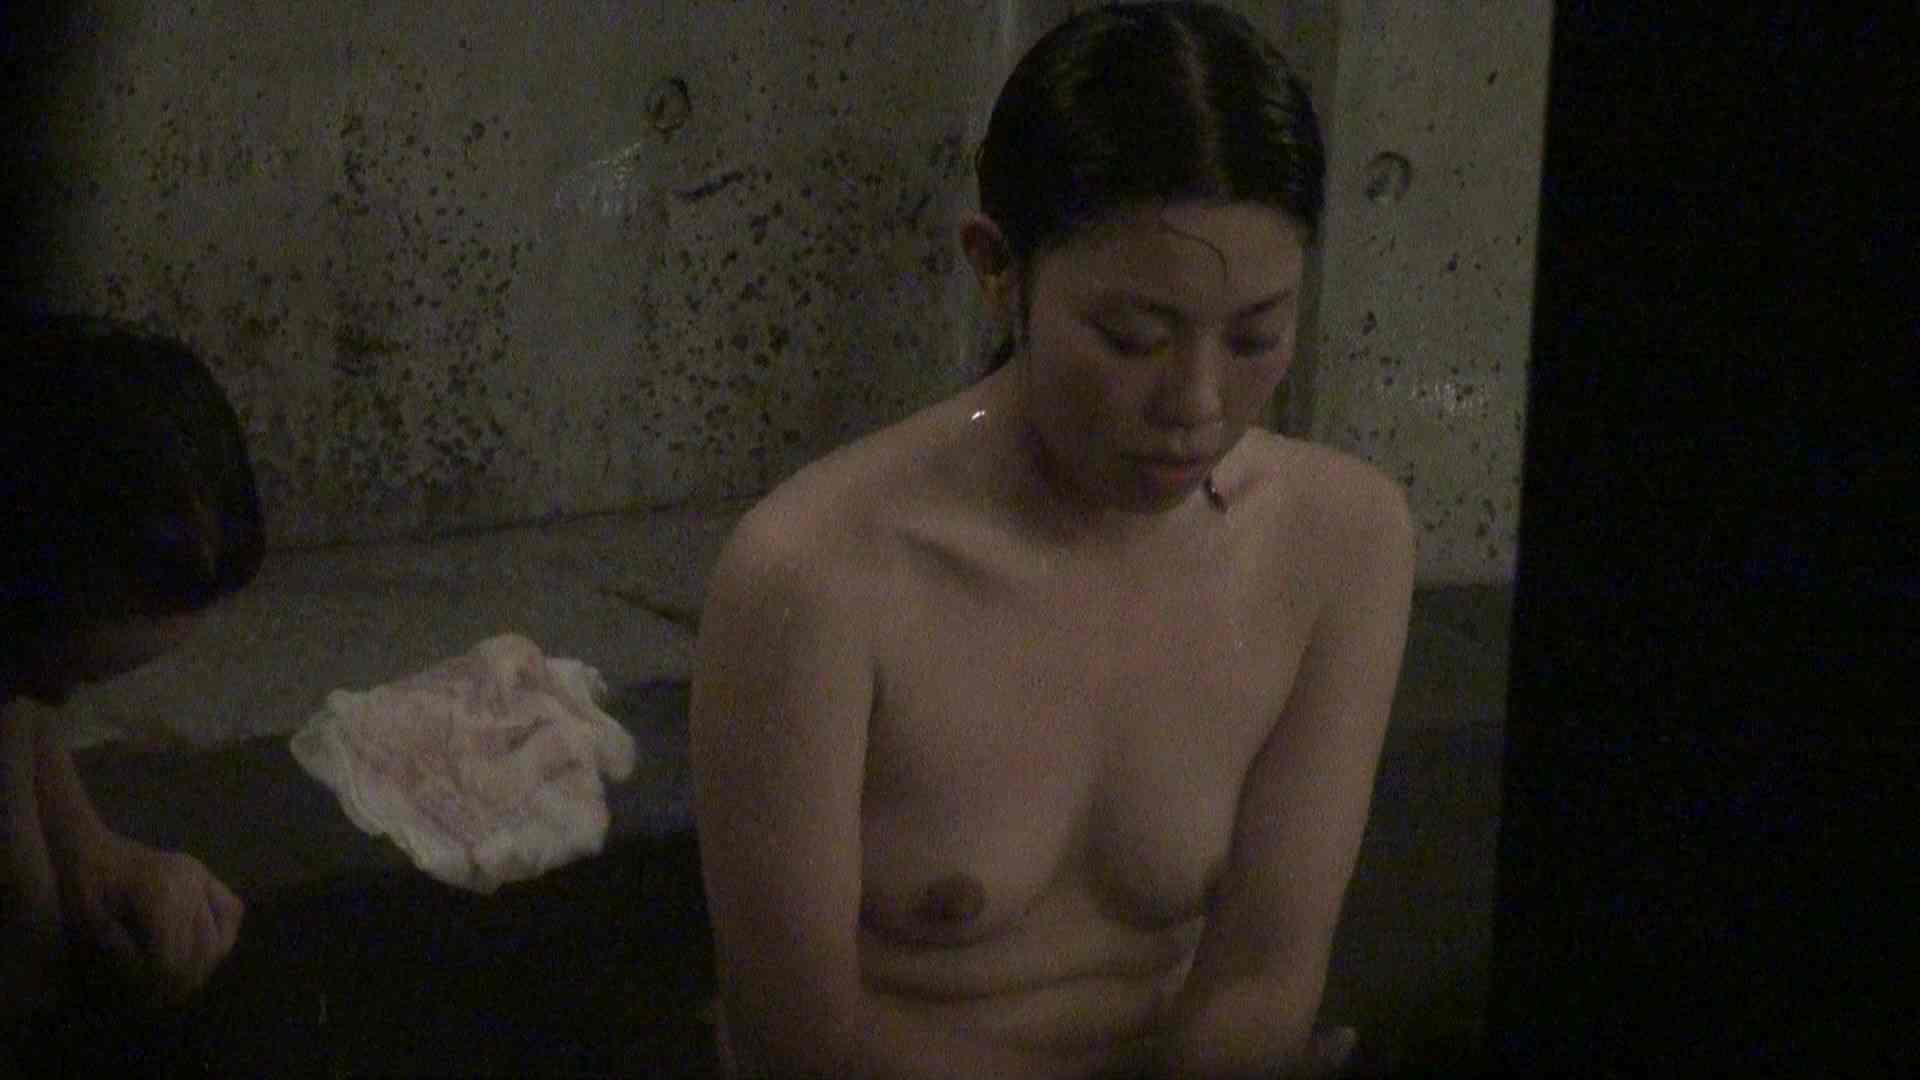 Aquaな露天風呂Vol.330 OLのエロ生活  101連発 18